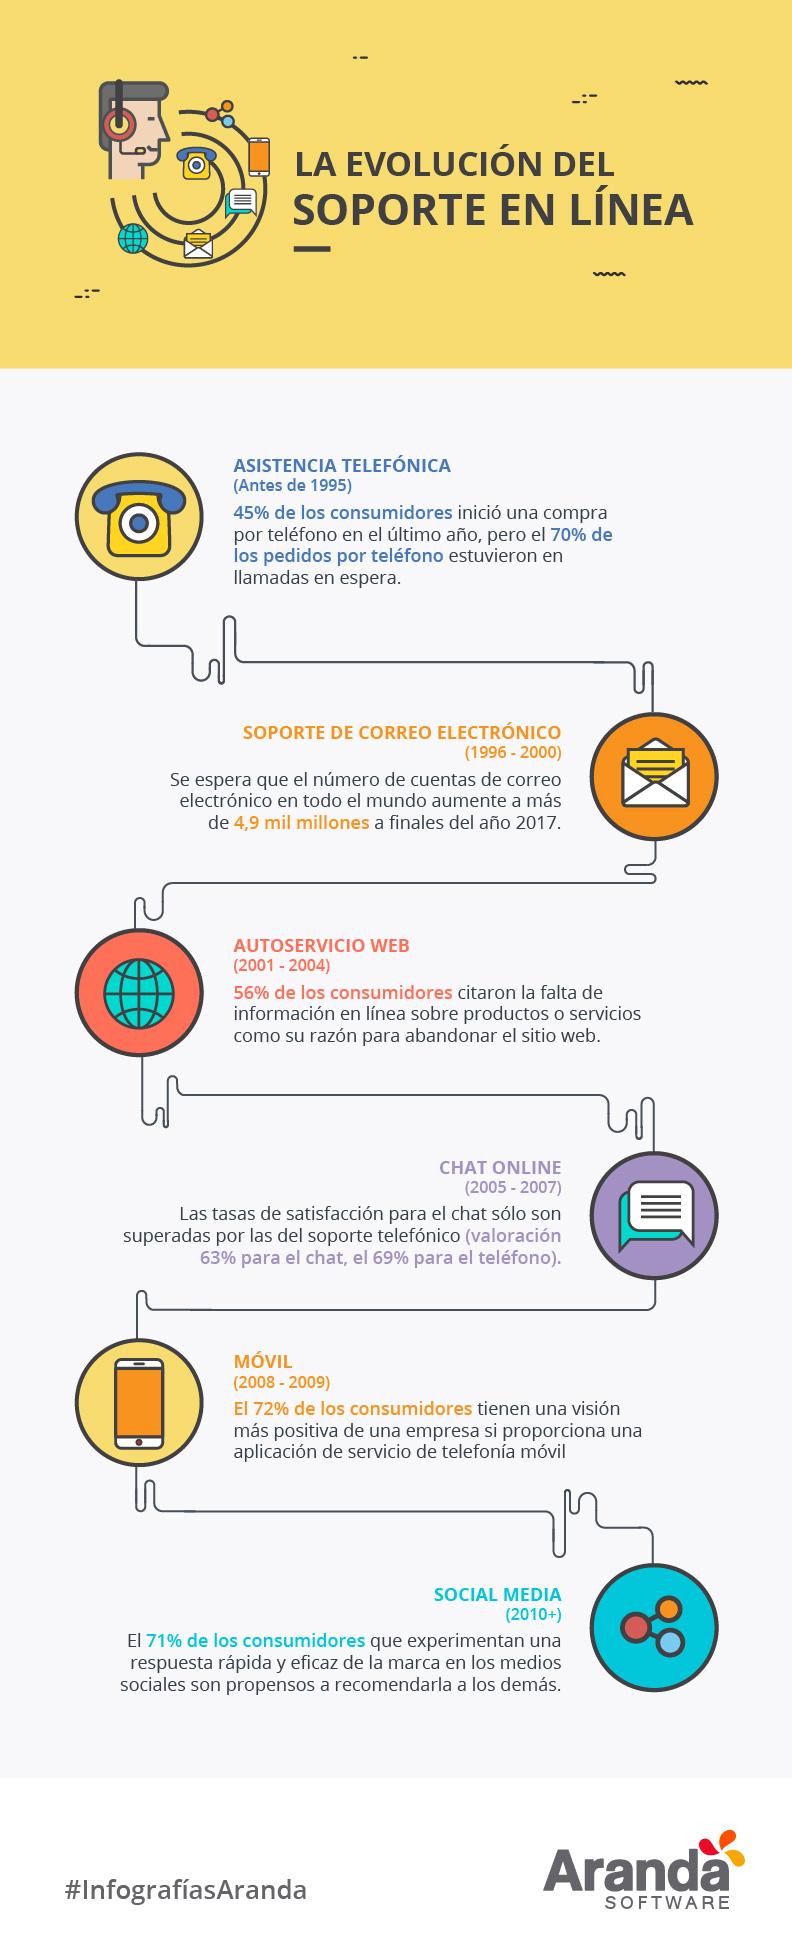 La evolución del soporte en línea